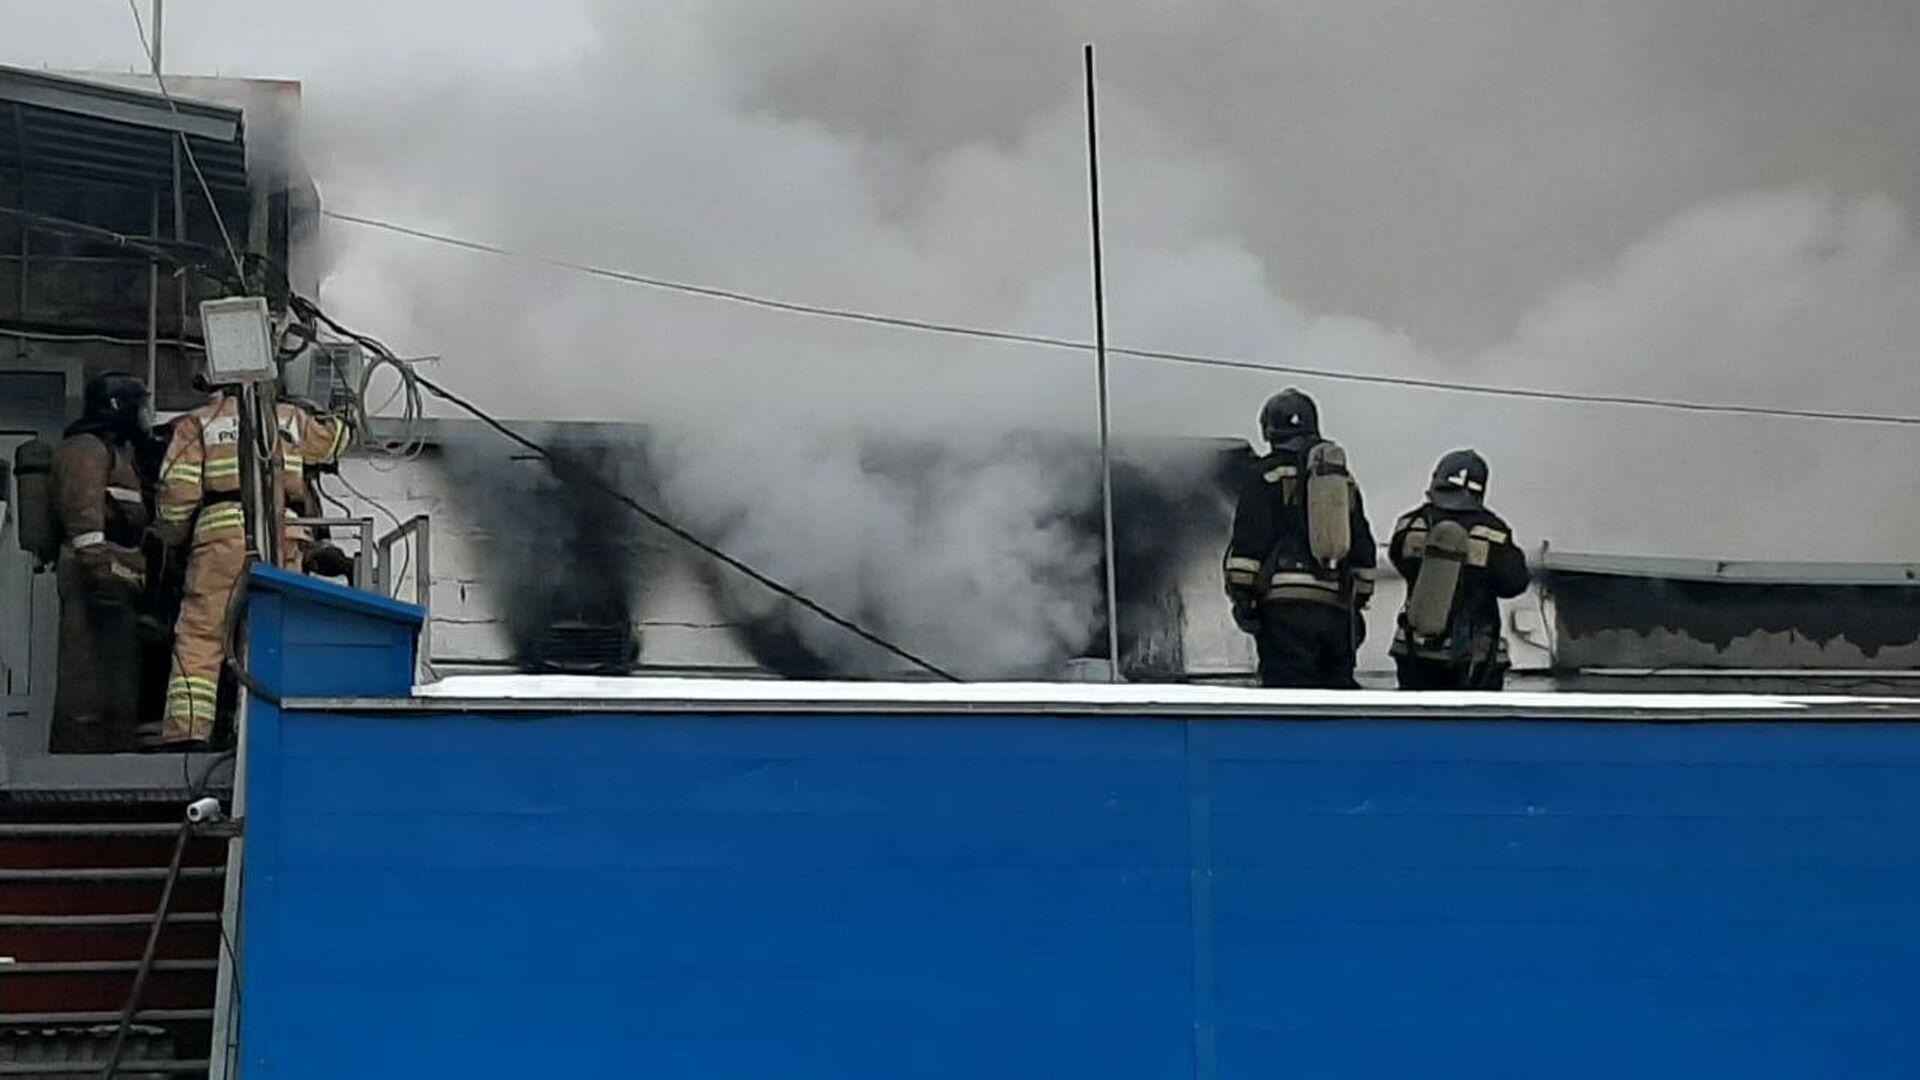 Пожар в производственном здании в Челябинске - РИА Новости, 1920, 17.11.2020